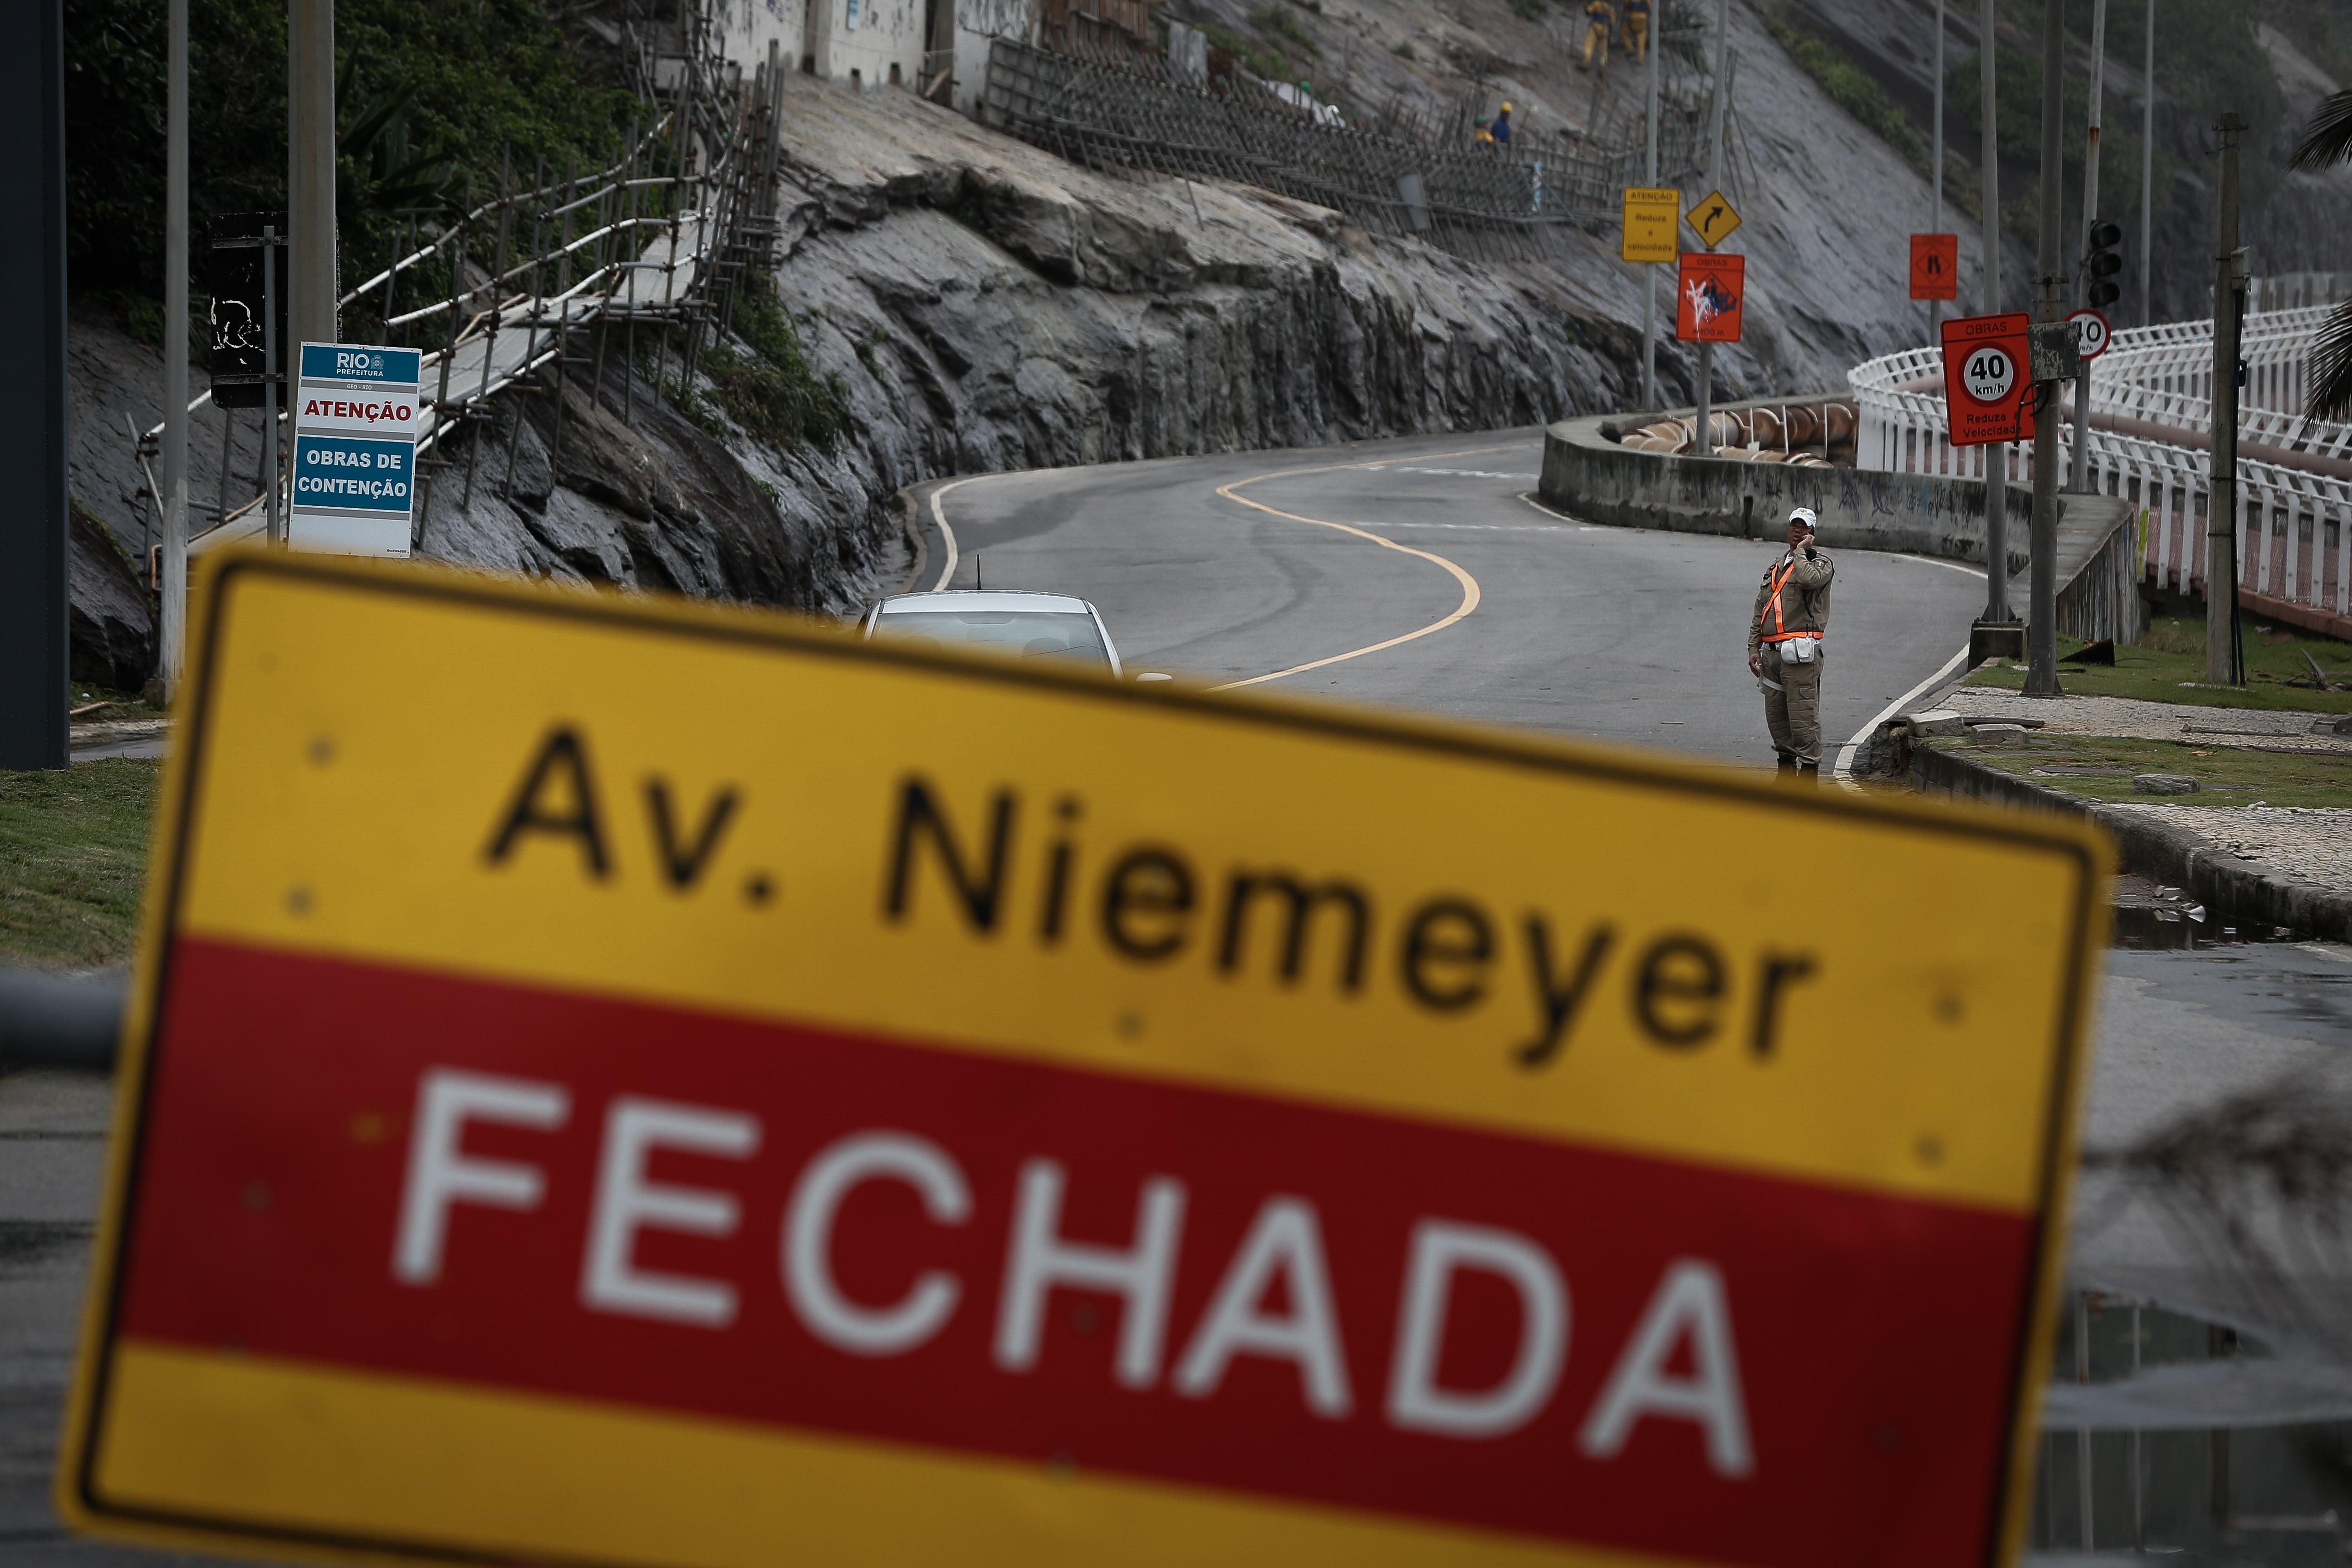 Avenida Niemeyer está fechada desde o dia 28 de maio